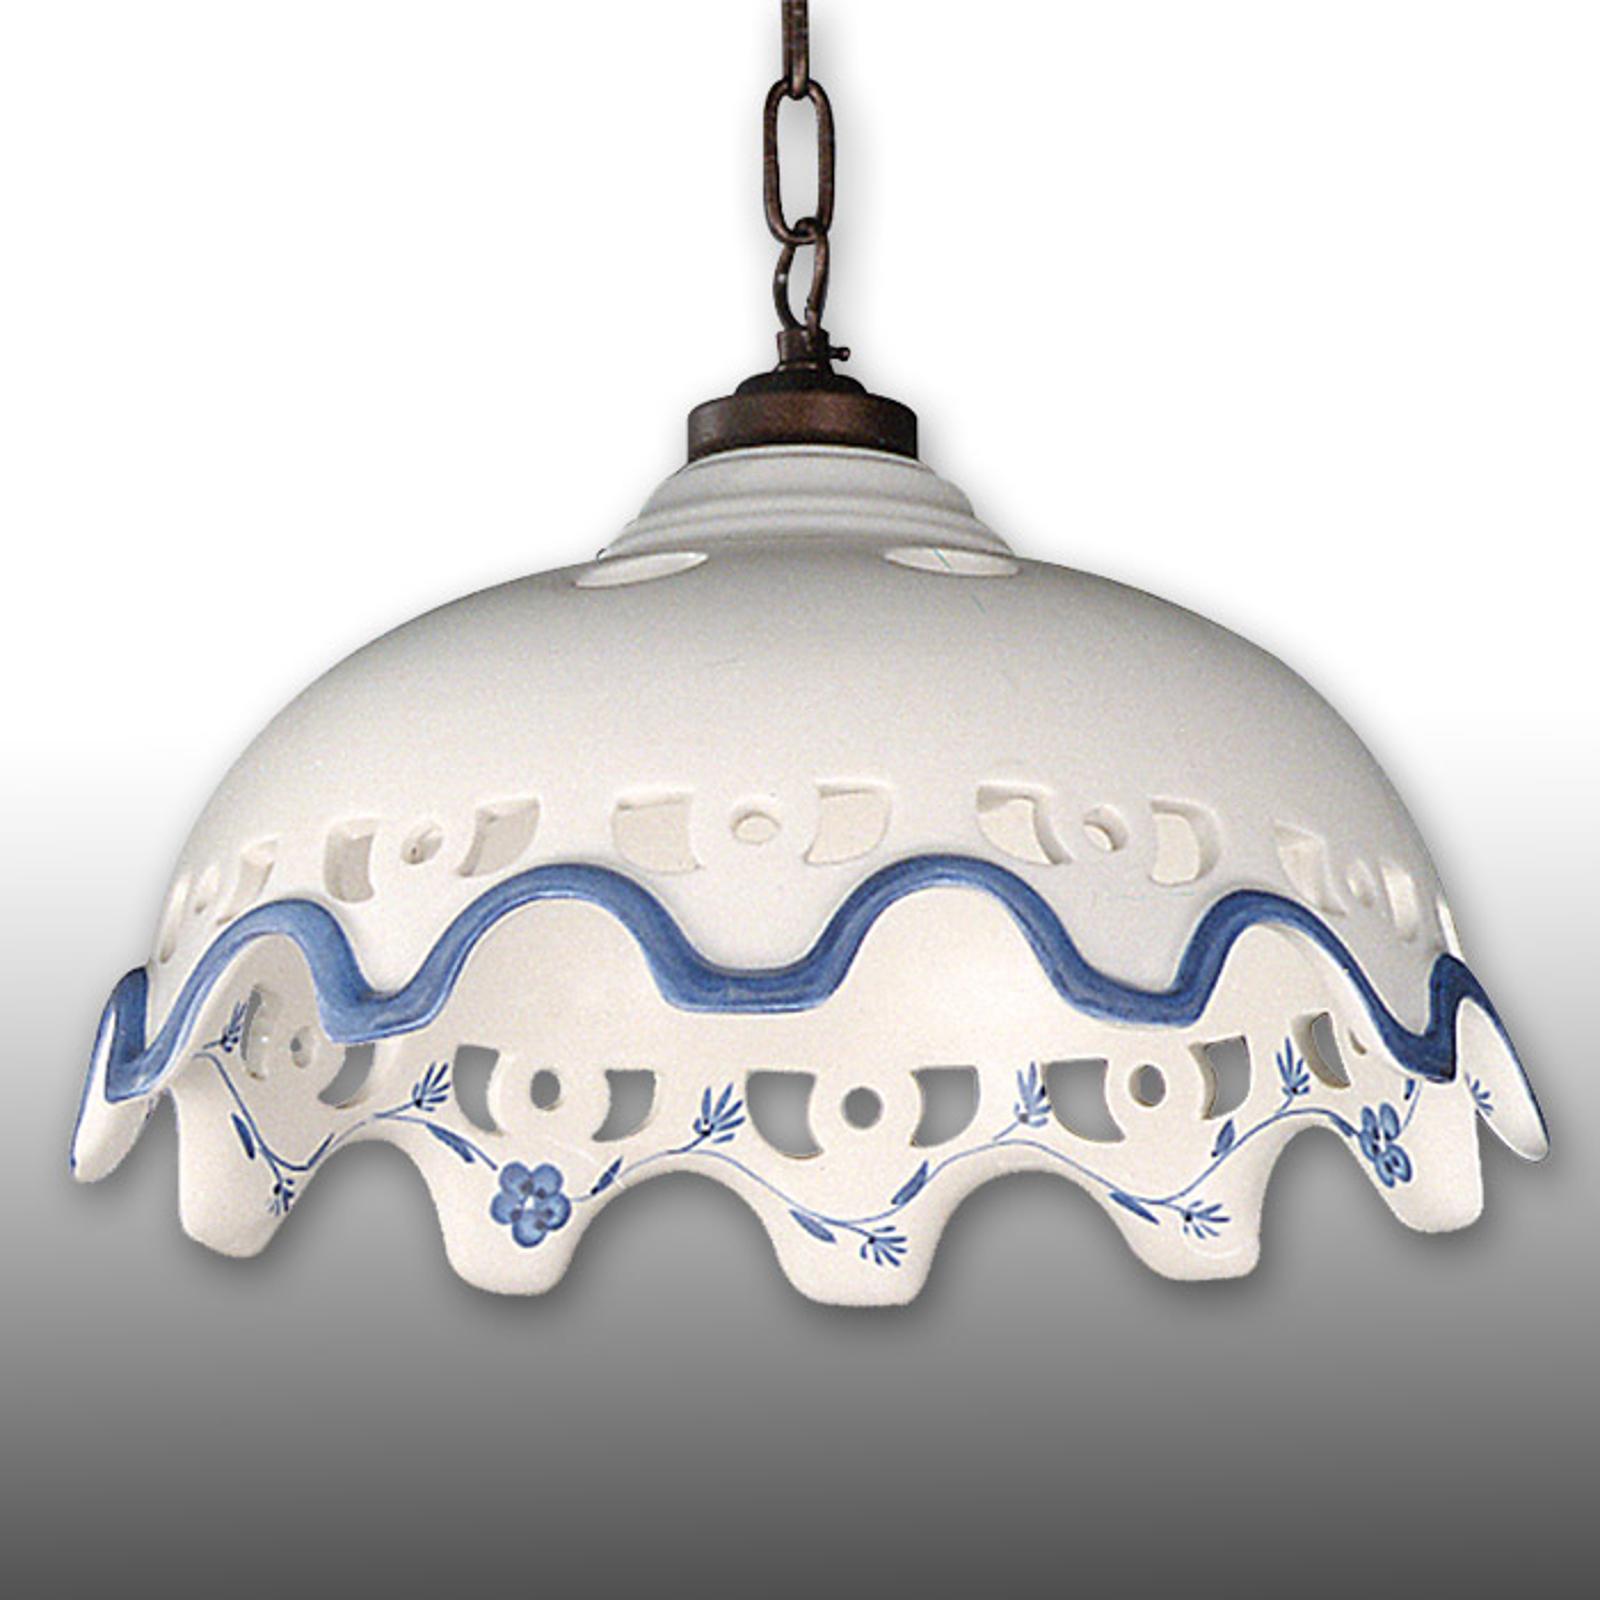 Keramická závesná lampa Chantal reťazové zavesenie